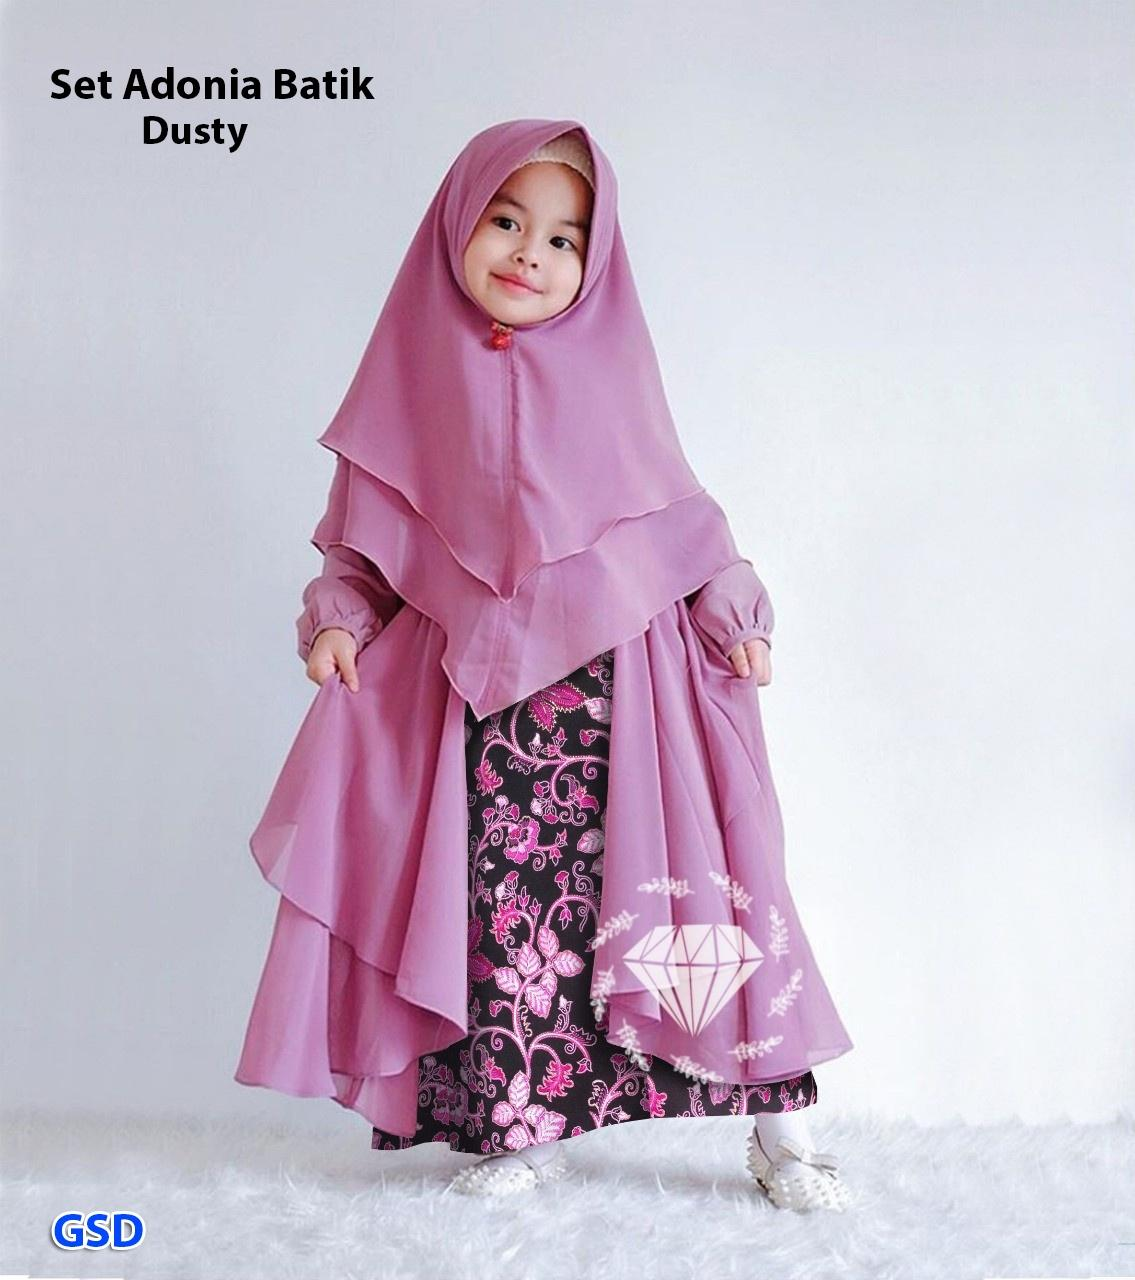 GSD - Baju Muslim Anak / Baju Anak Perempuan / Gamis Anak-anak - Syari Adonia Batik Kids